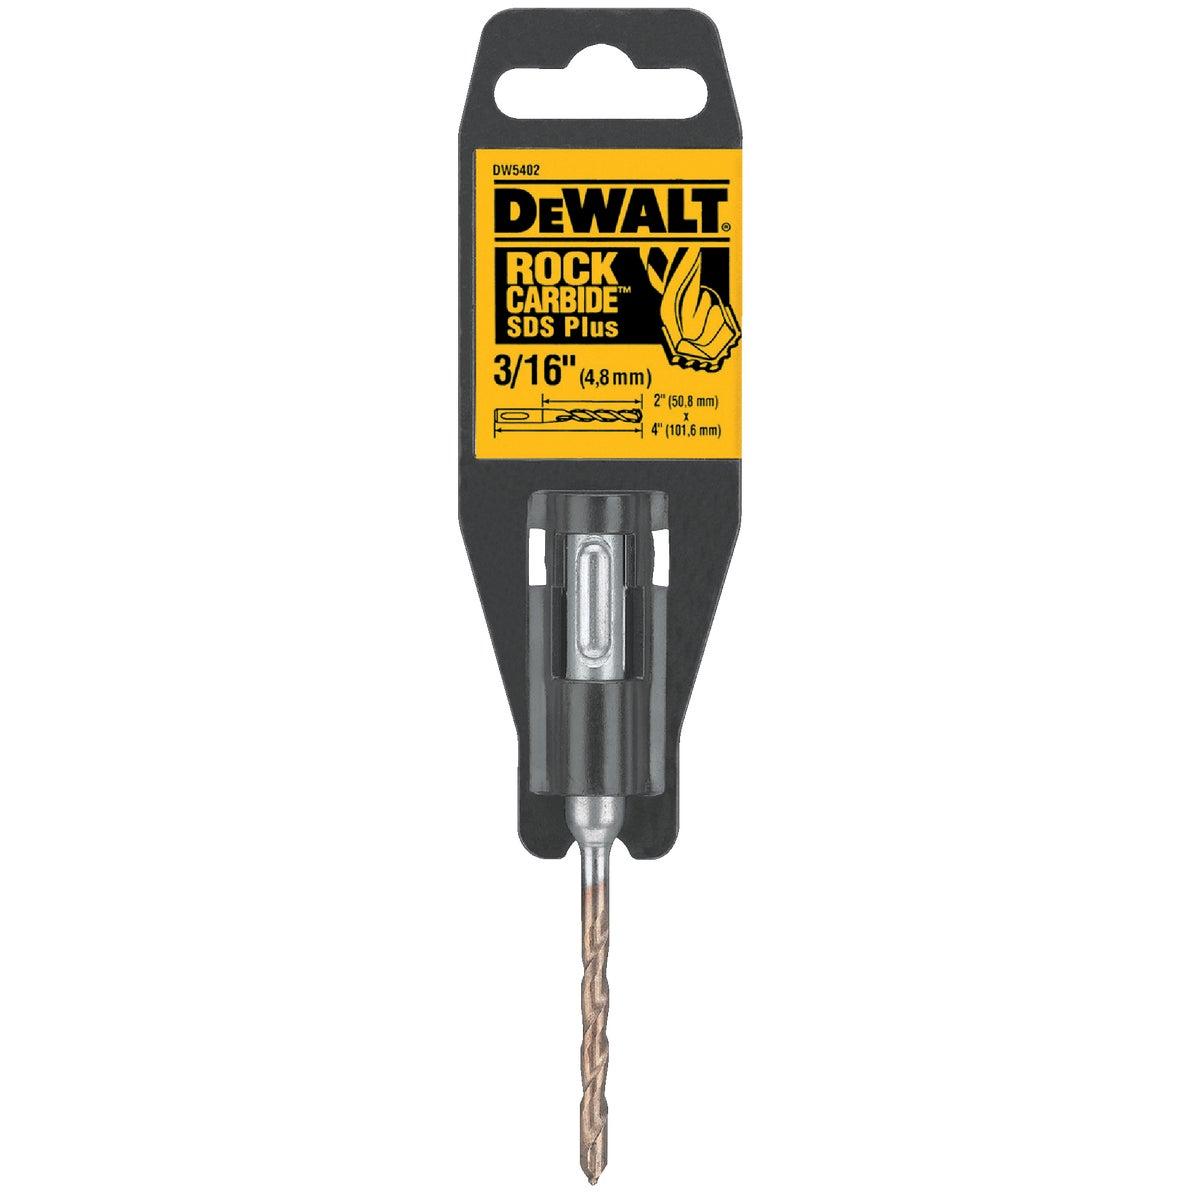 3/16 SDS MSNRY DRILL BIT - DW5402 by DeWalt